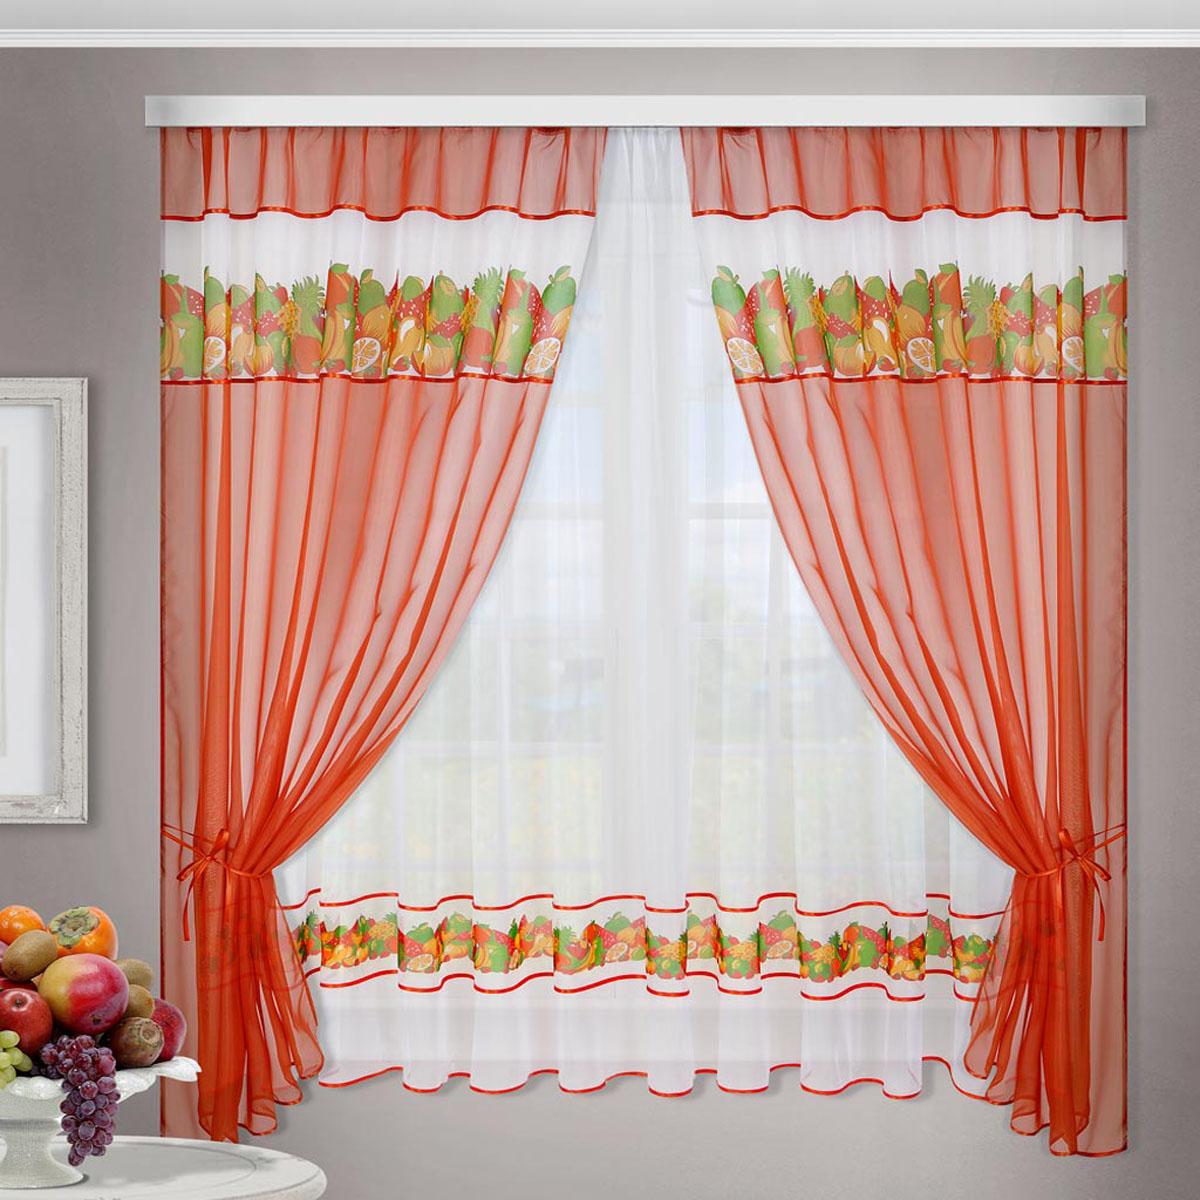 Комплект штор Фруктовая поляна, на ленте, цвет: белый, красный, высота 170 см86157Комплект штор Фруктовая поляна изготовлен из прозрачного, легкого, воздушного вуалевого полотна с печатным рисунком. Комплект крепится на карниз при помощи ленты, которая поможет красиво и равномерно задрапировать верх.В комплект входят:- 2 шторы, - тюль,- 2 подхвата.